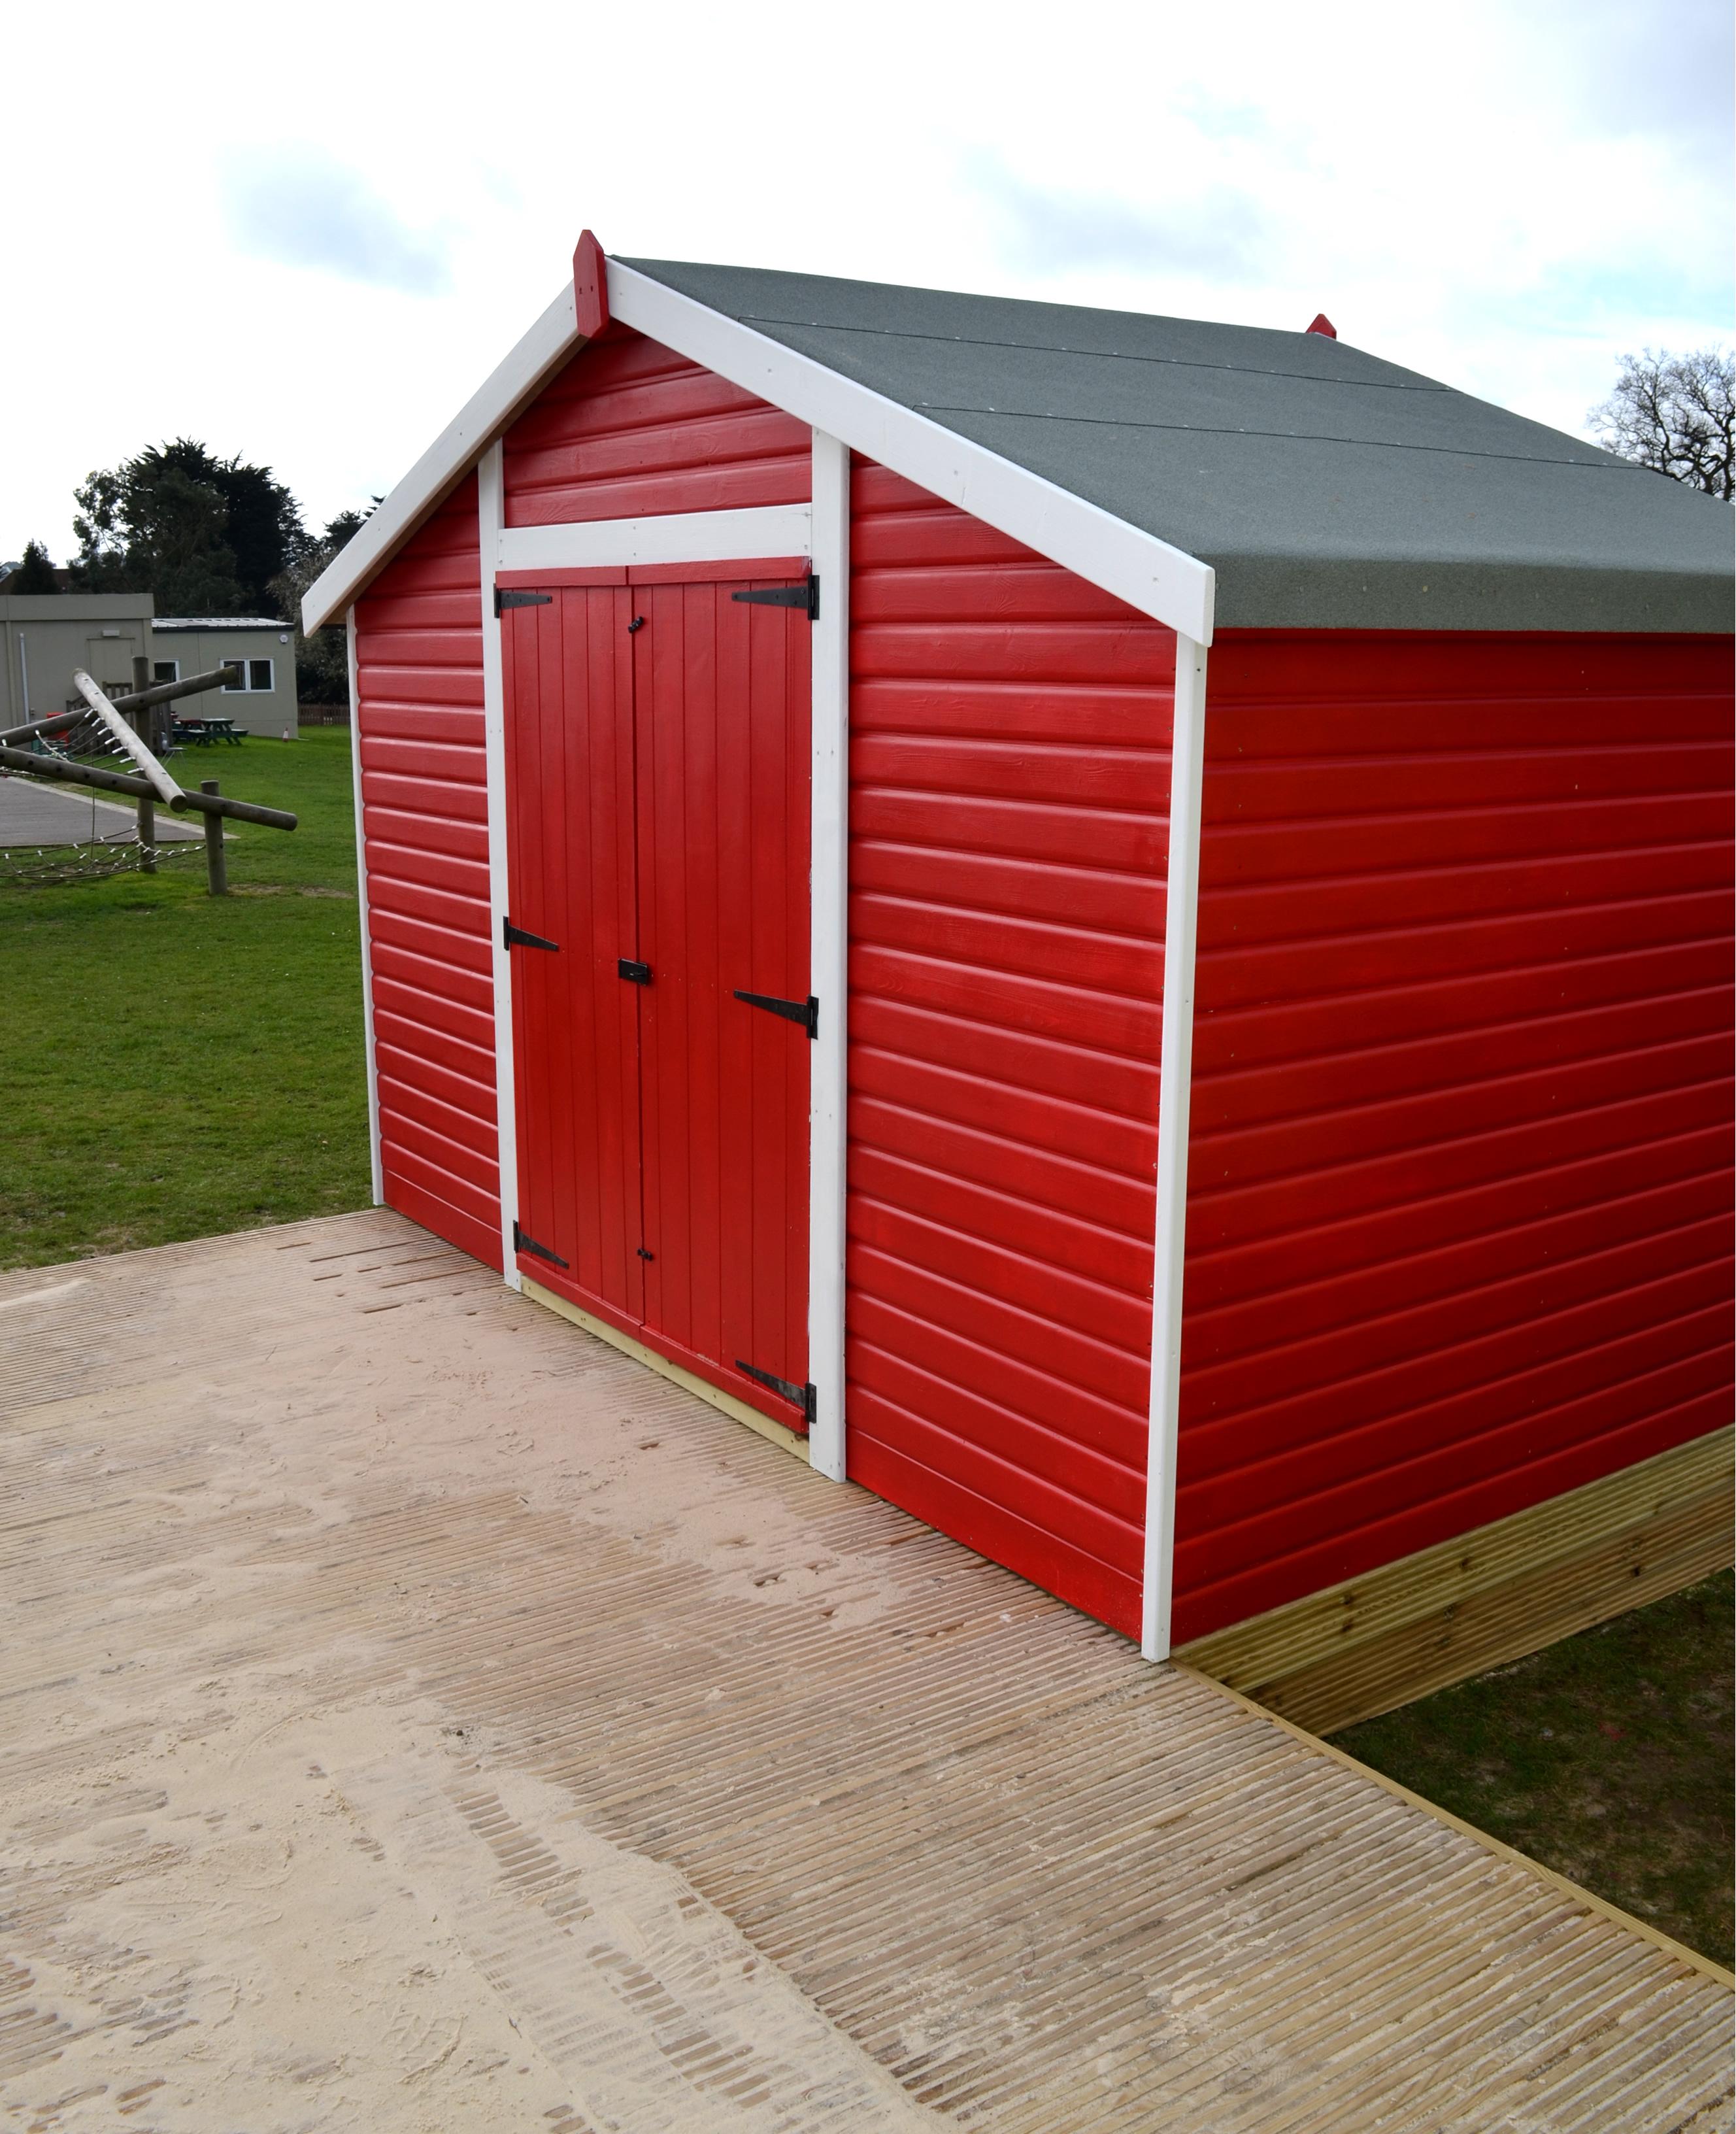 huts-4jpg